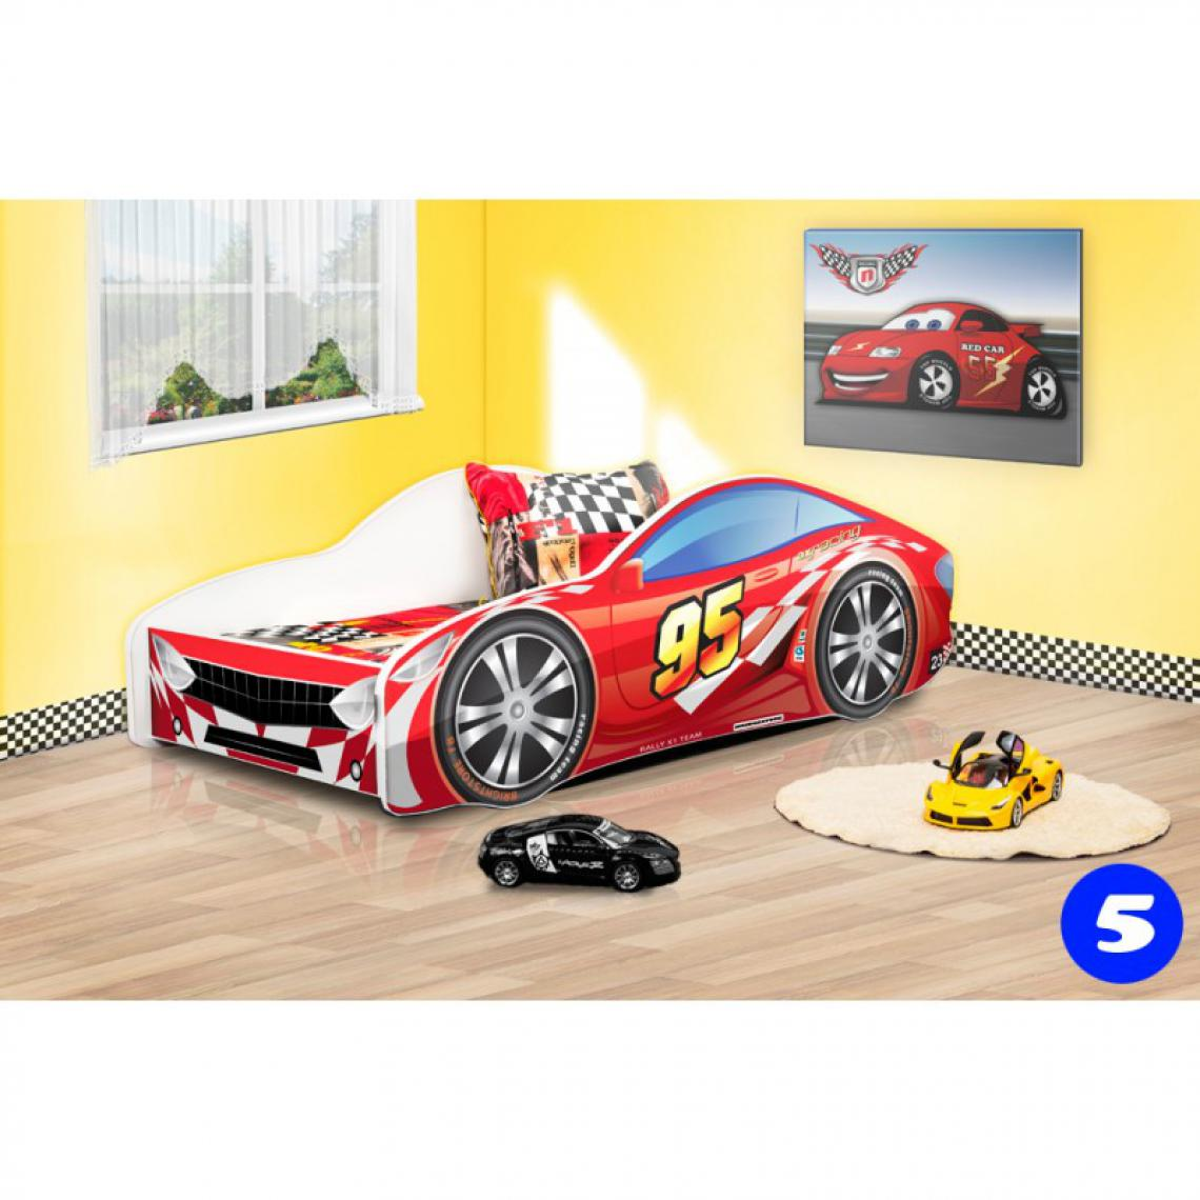 Bim Furniture Lit Voiture Enfant 140x70 cm Rouge 95 avec sommier et matelas